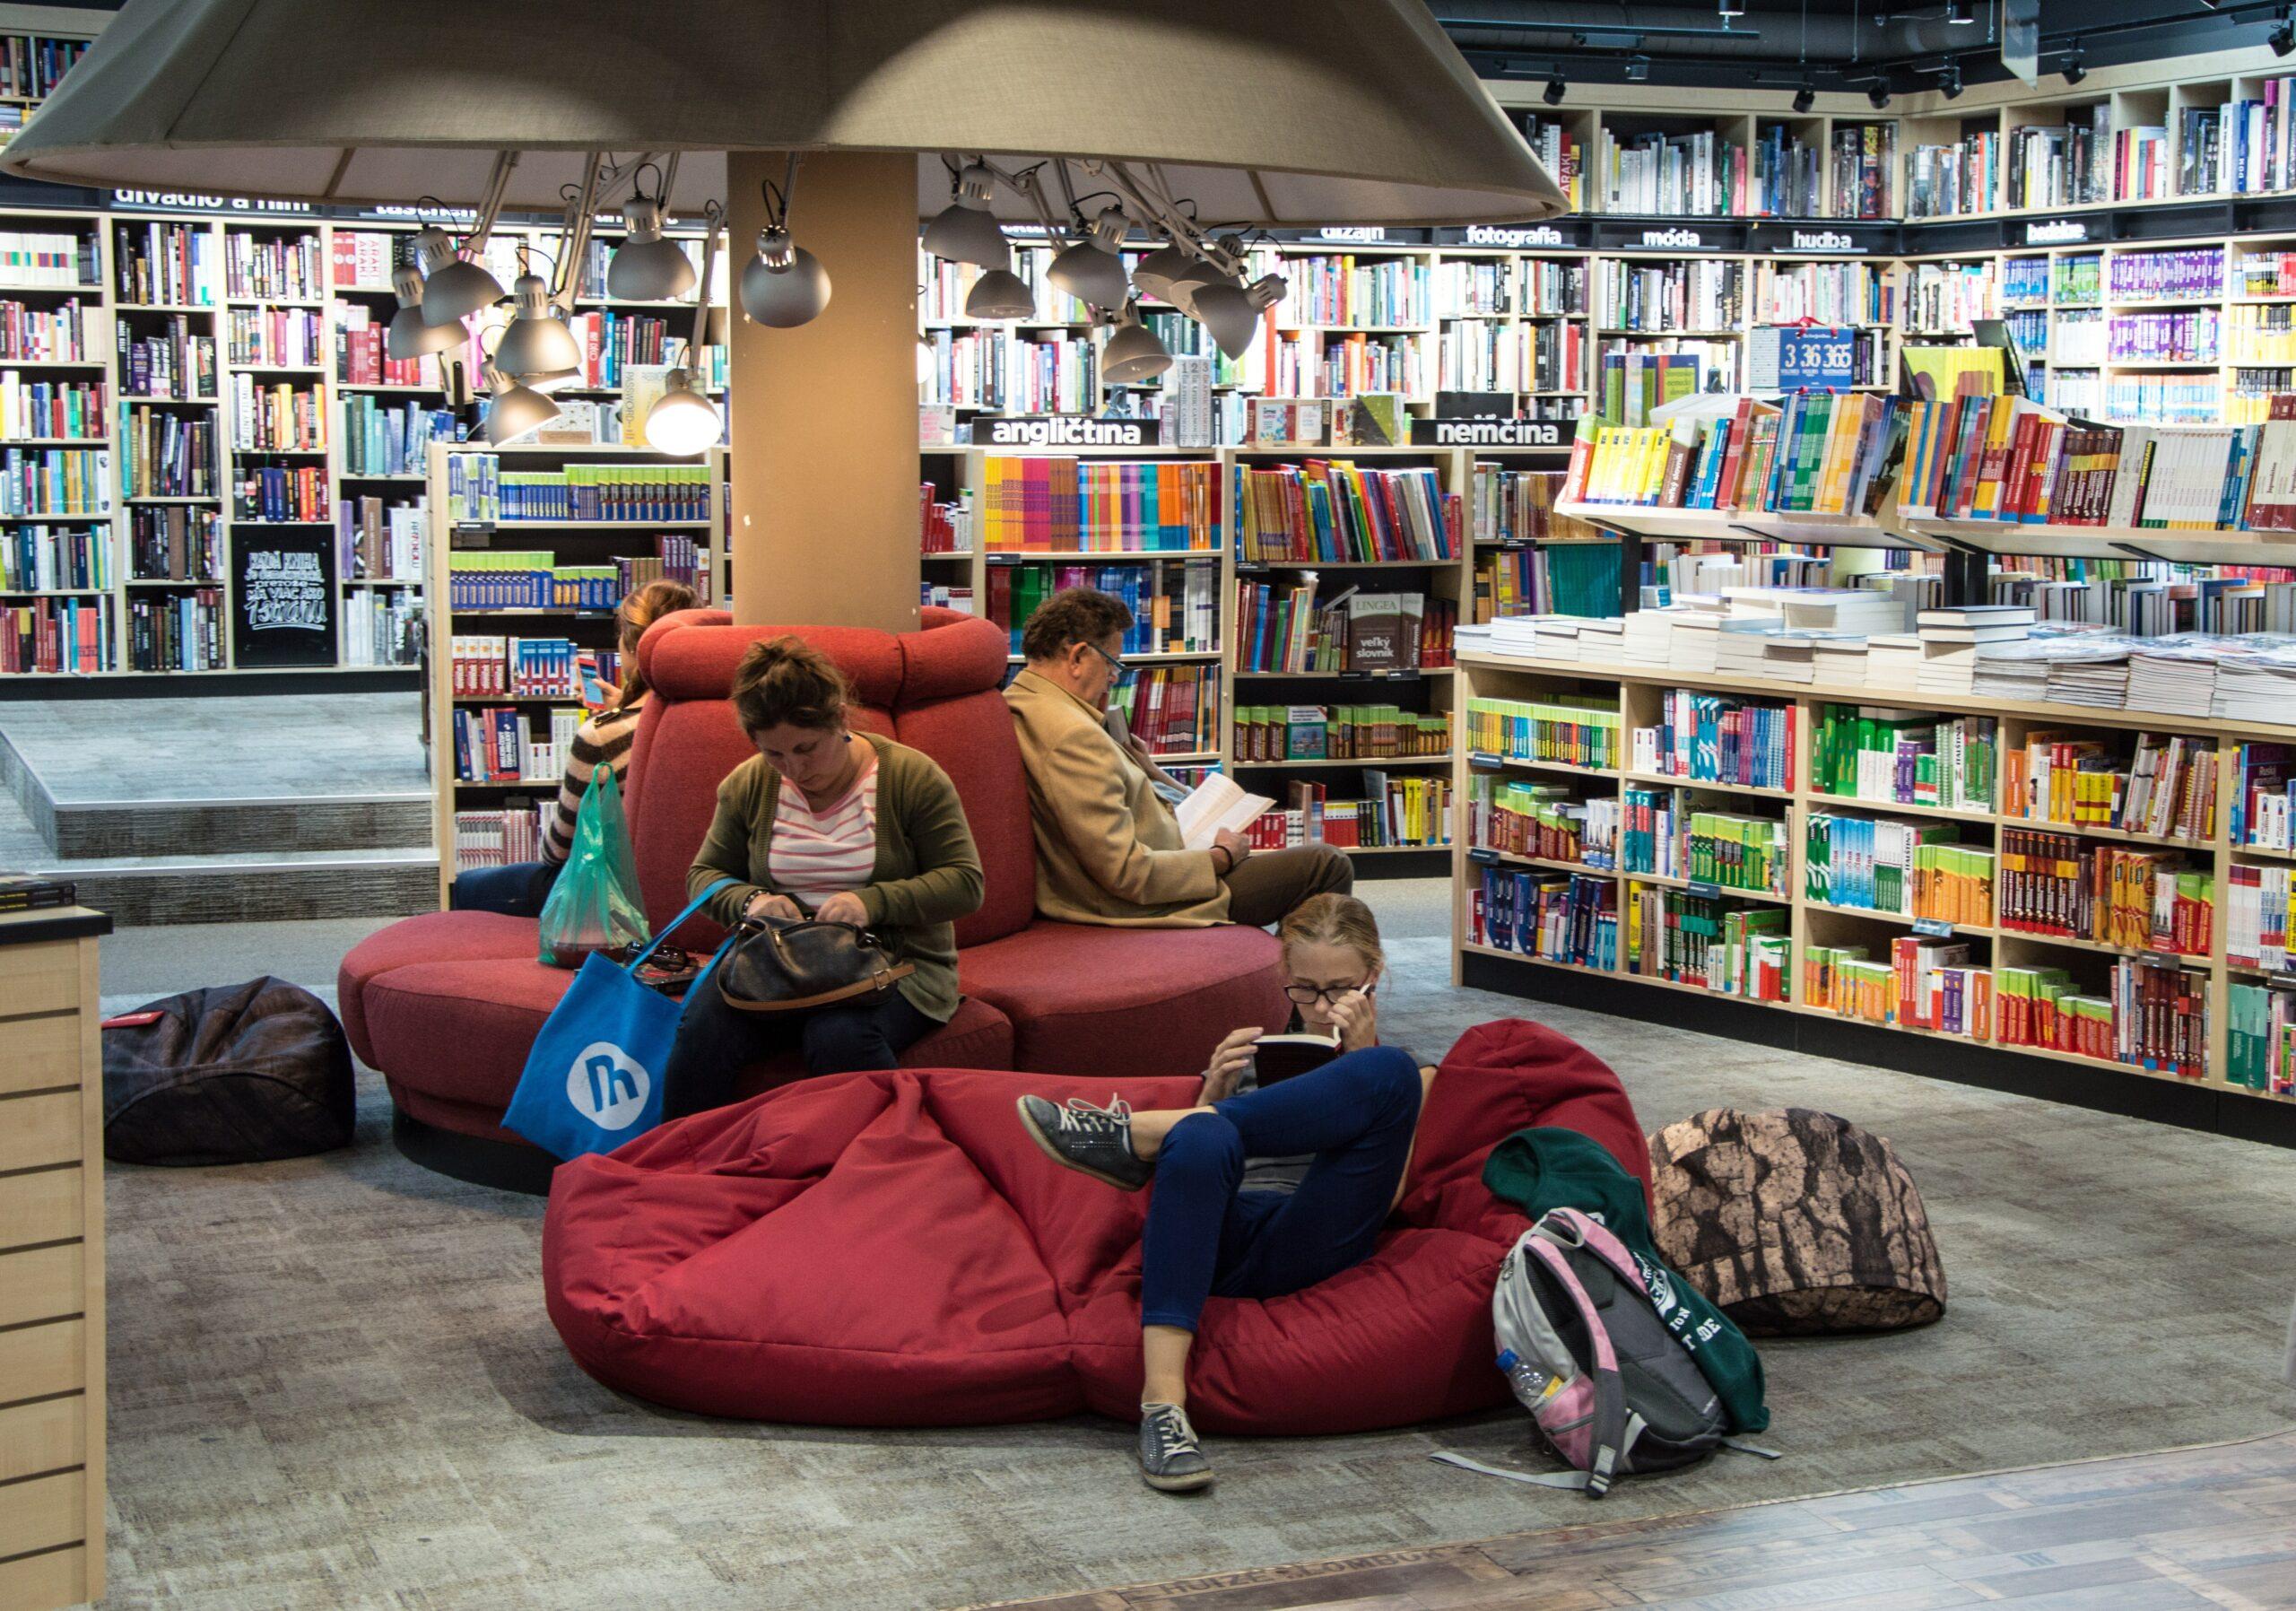 Dit wist jij nog niet over de bibliotheek